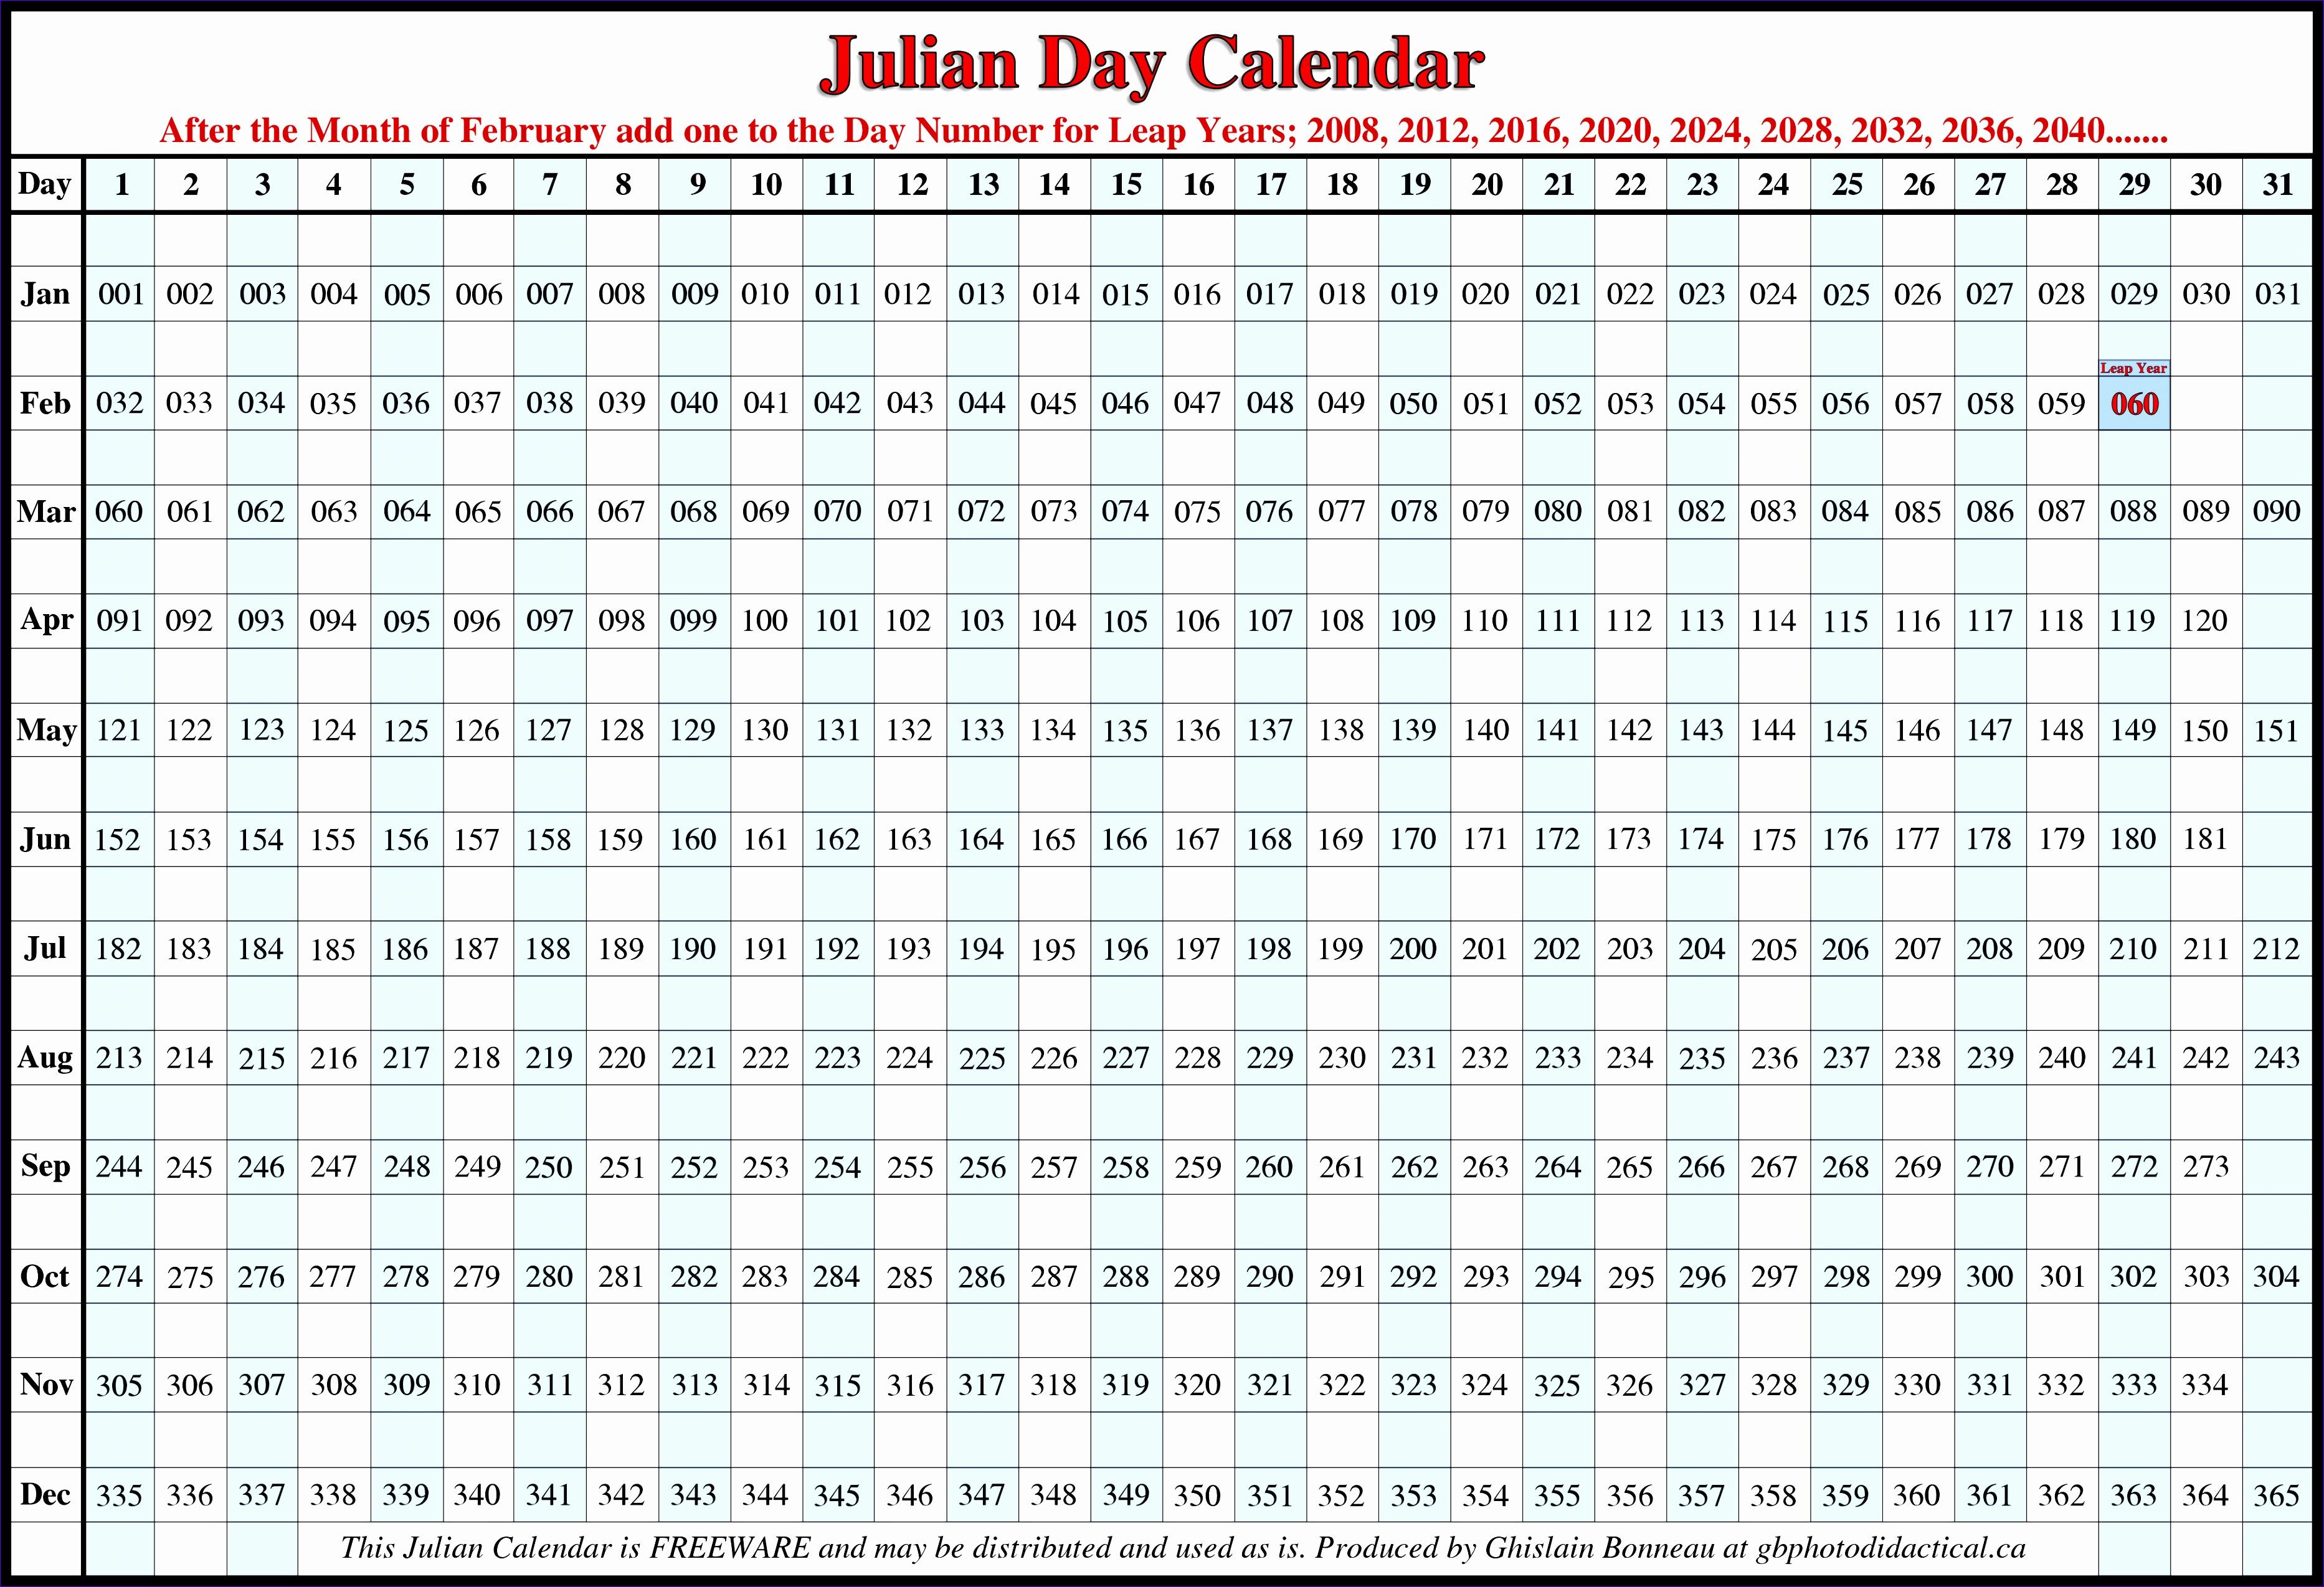 julian calendar julian calendar orig aebtkc eeimyq 37312548